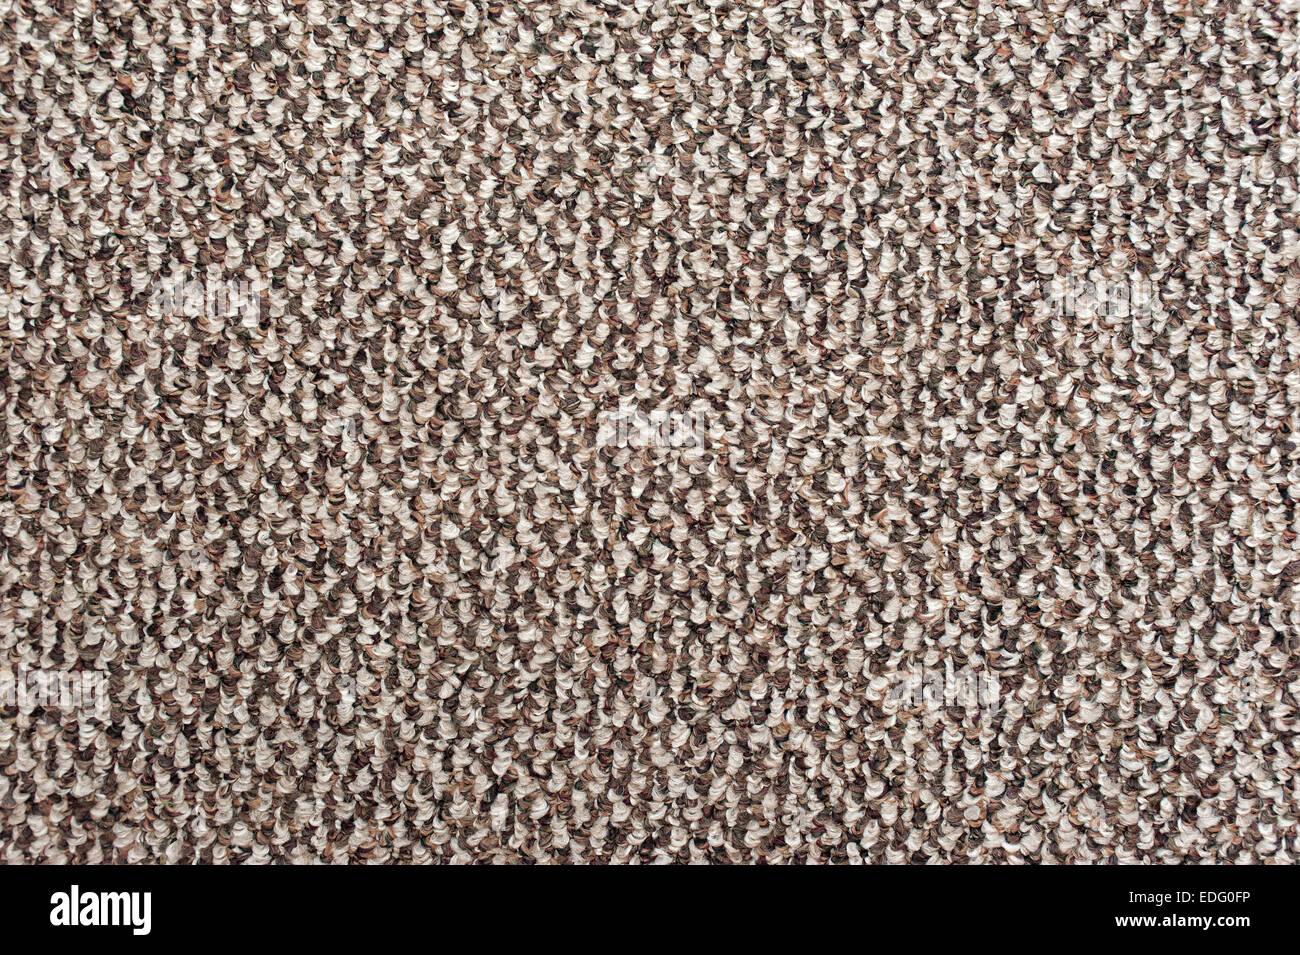 Rug Texture Close Up Stock Photo 77183674 Alamy